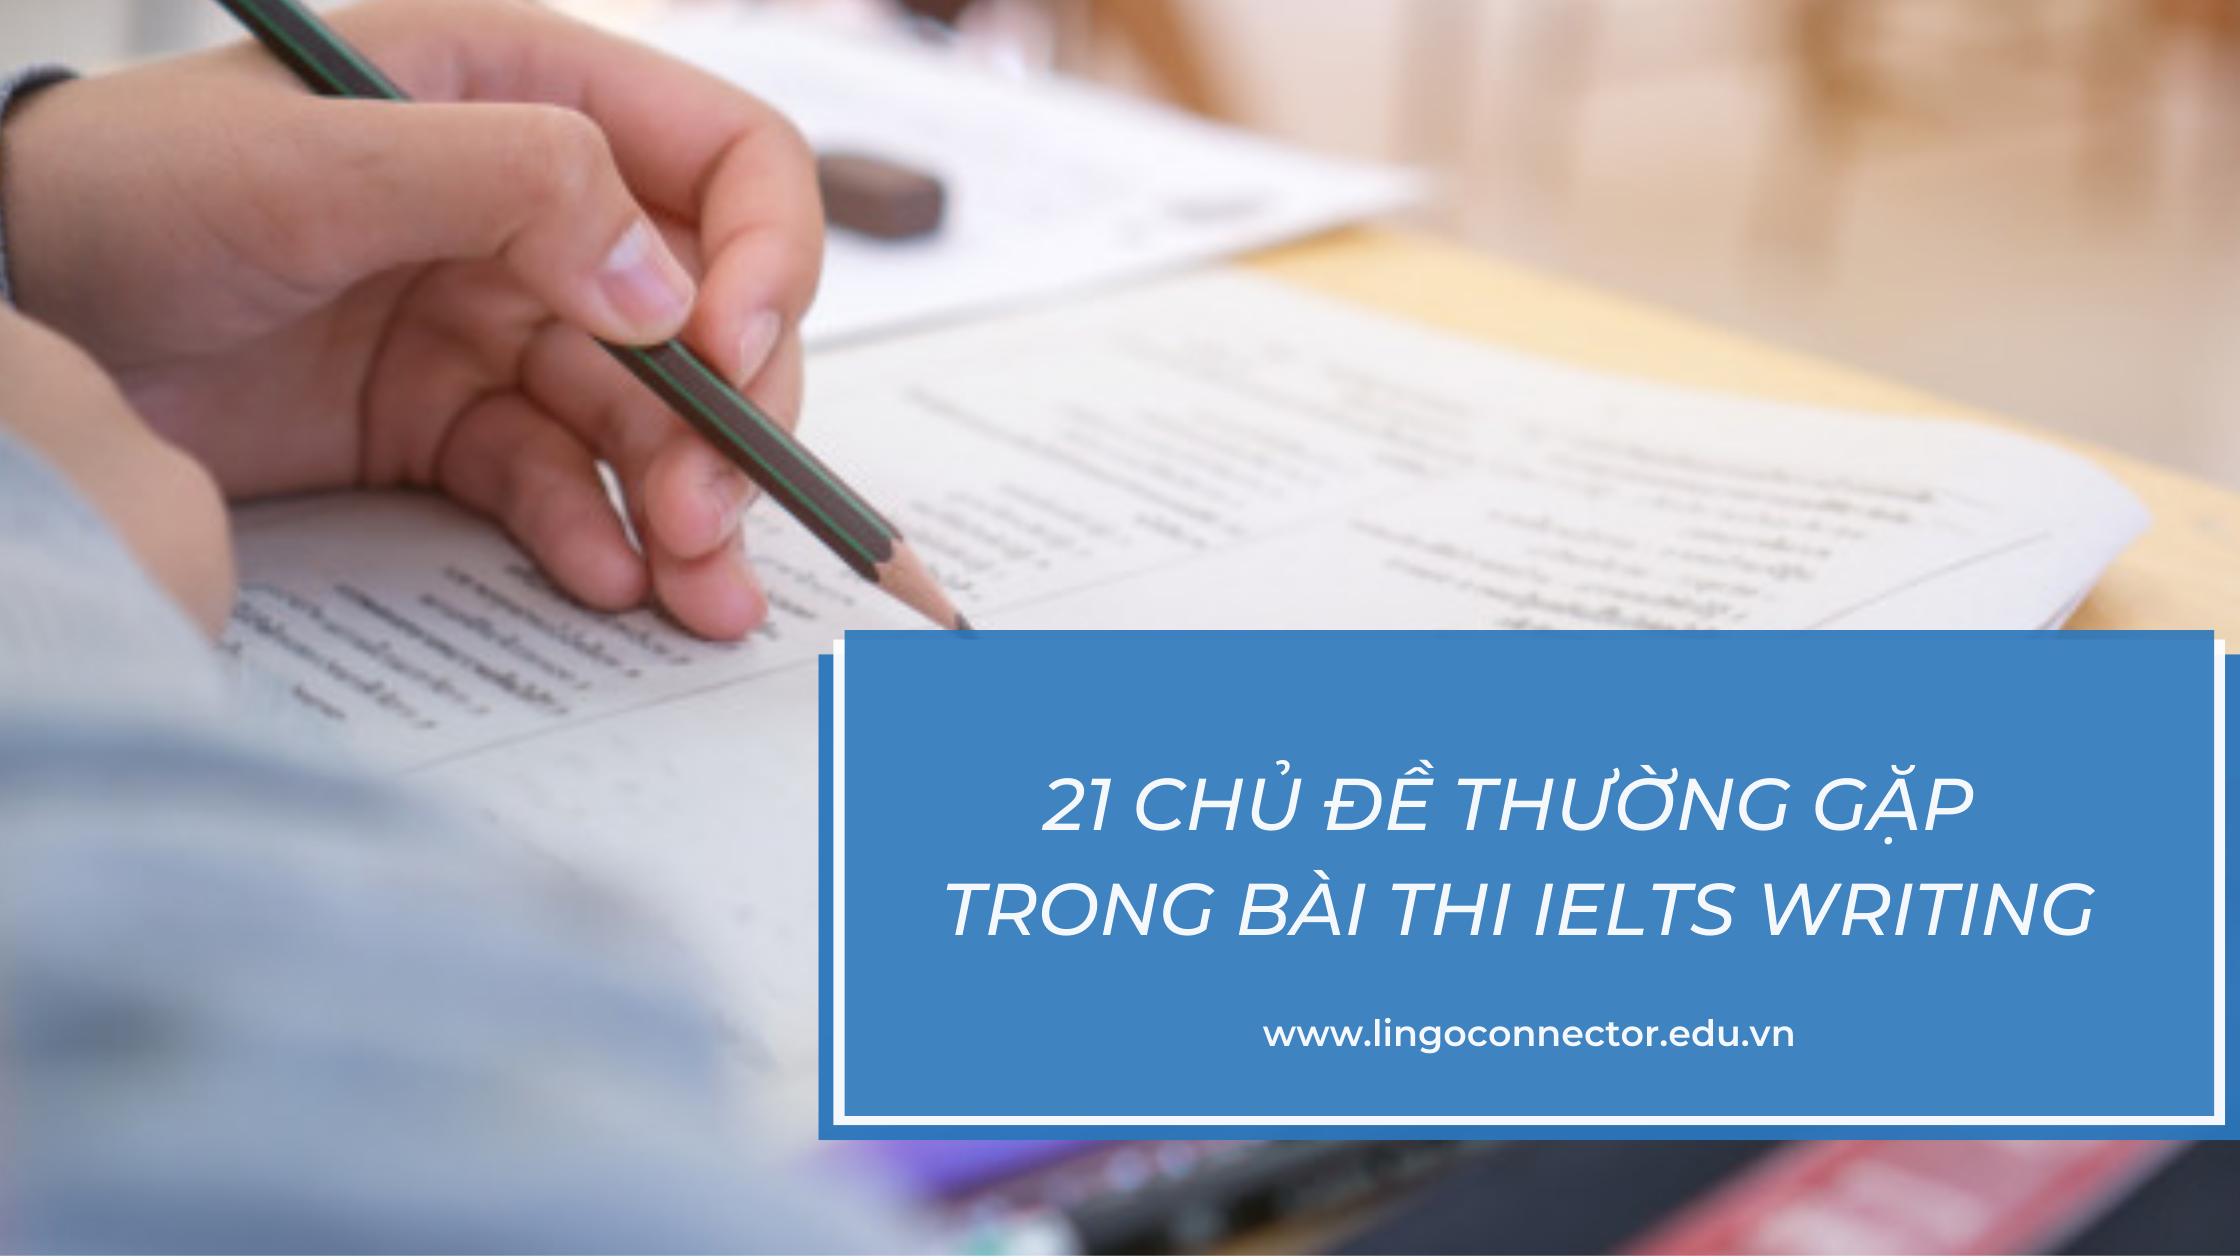 21 CHỦ ĐỀ (TOPIC) IELTS THƯỜNG GẶP TRONG BÀI THI IELTS GENERAL WRITING